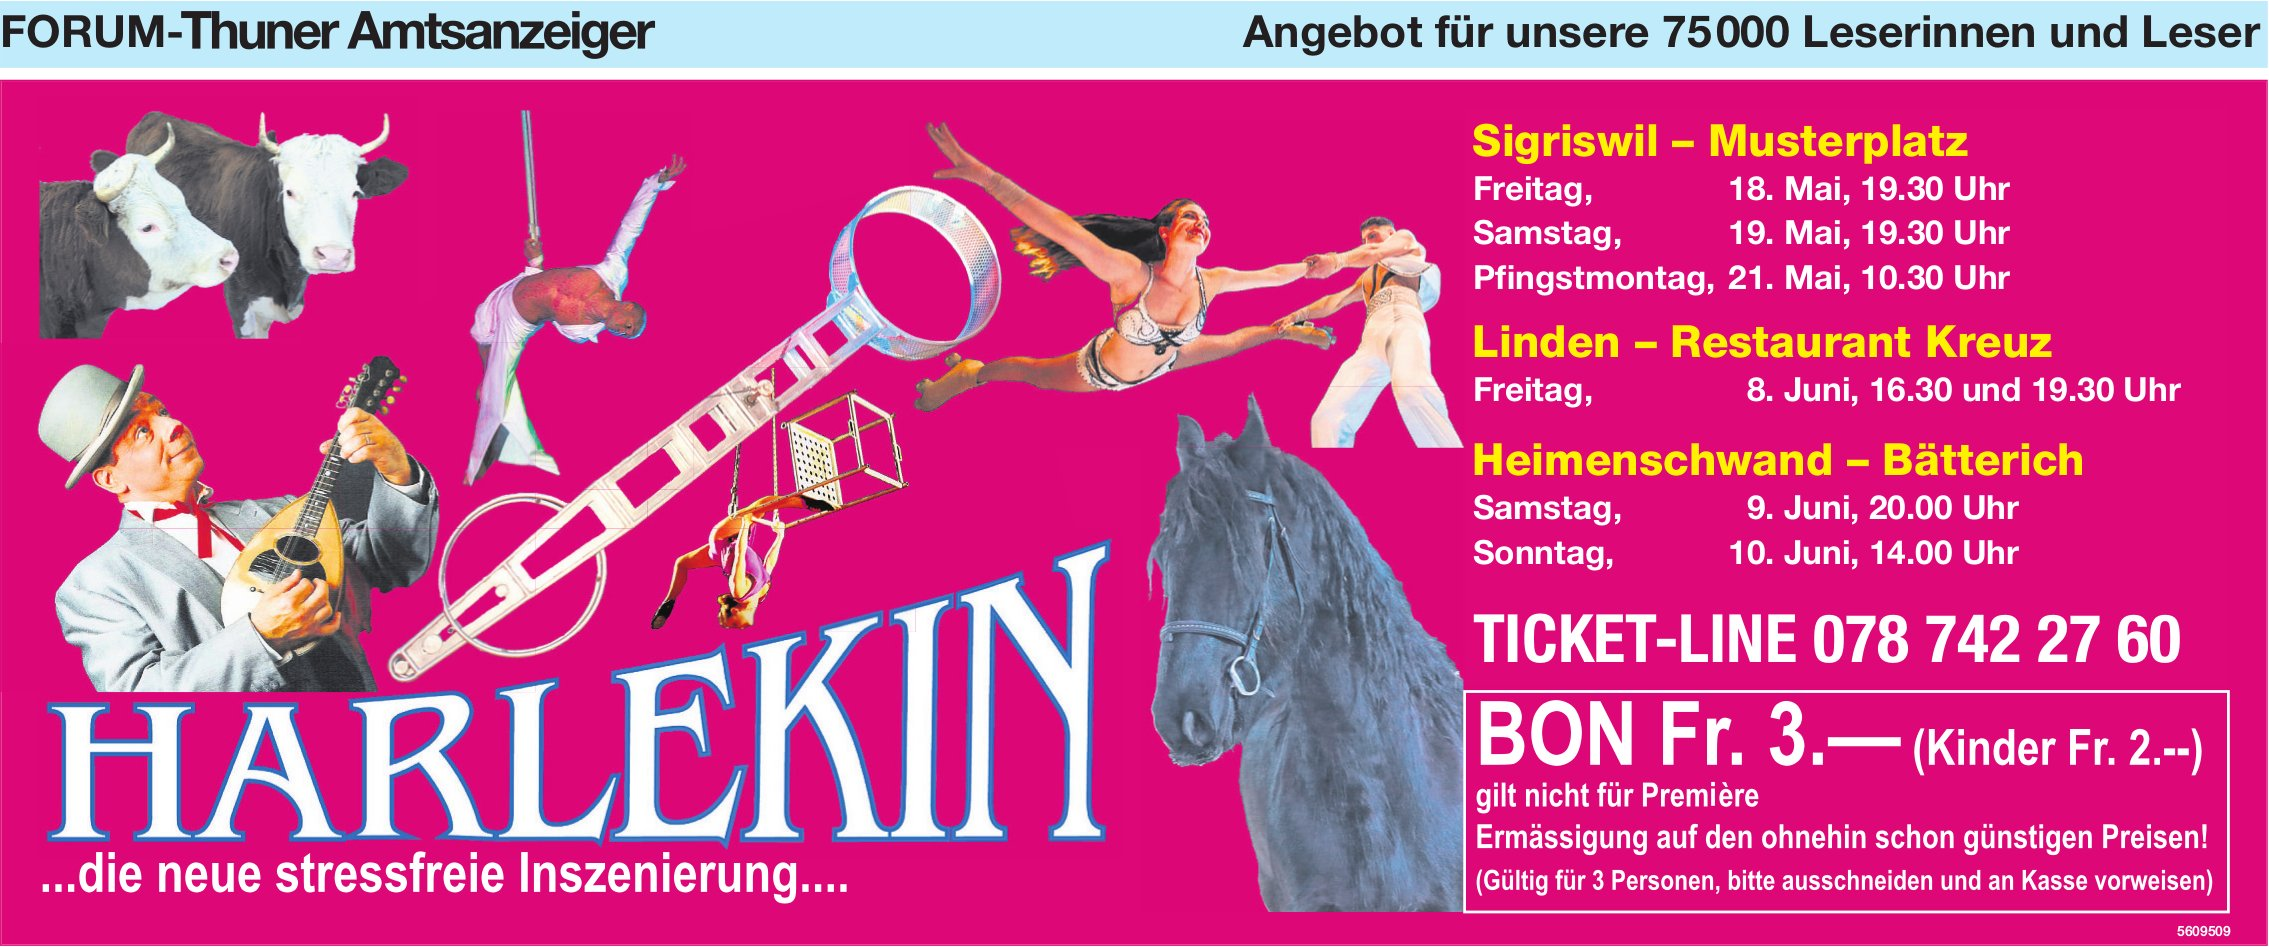 Forum-Thuner Amtsanzeiger - Harlekin ... die neue stressfreie Inszenierung...